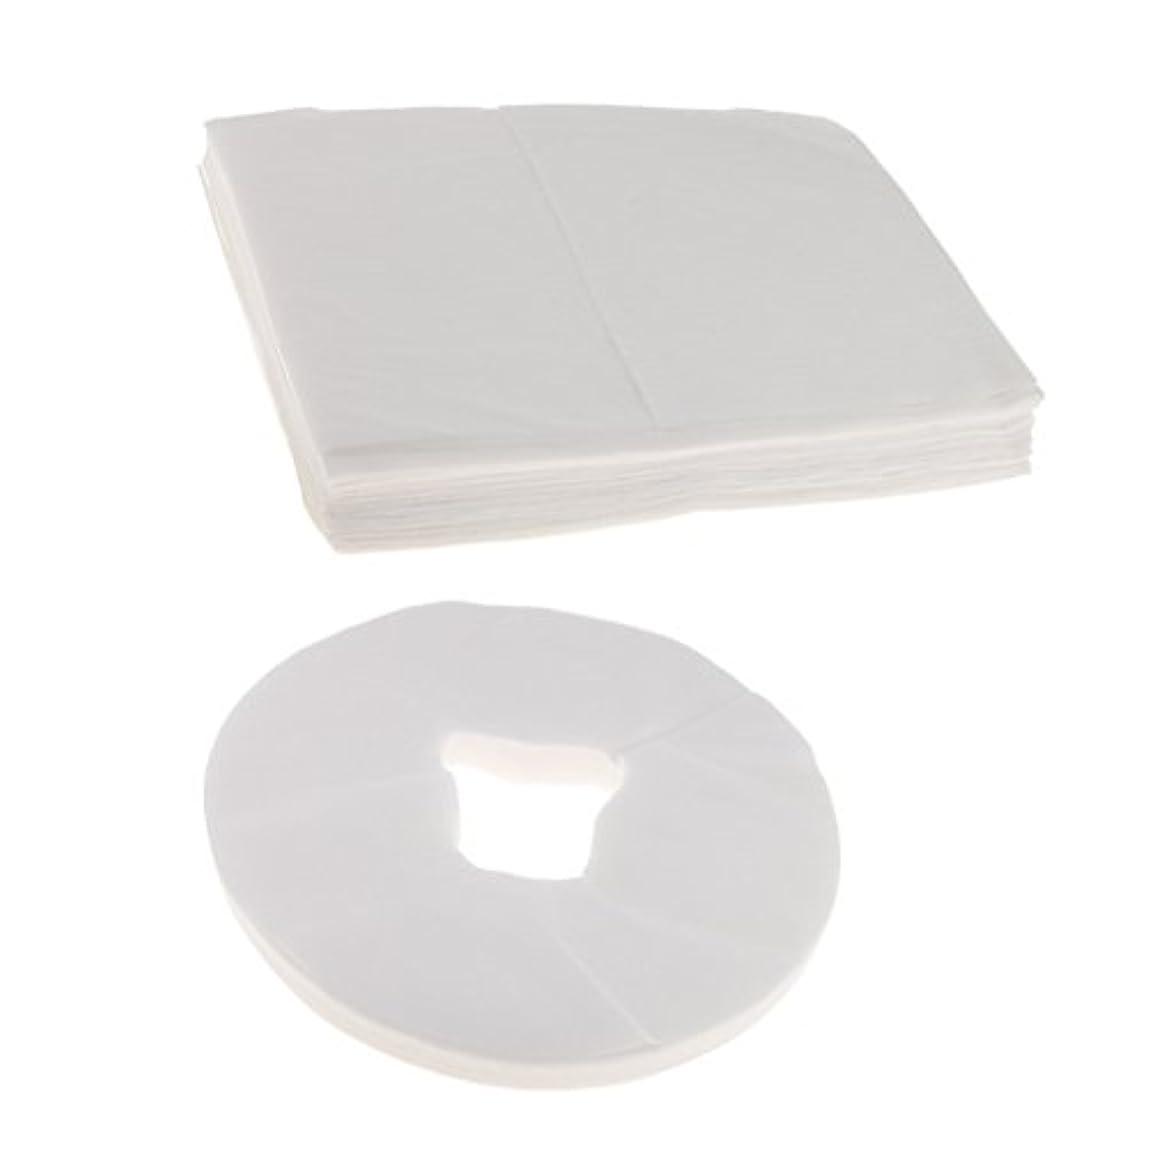 不公平マニア適合する100ホワイト使い捨てマッサージテーブルフェイスクレードルクッションカバー+10ベッドシーツ